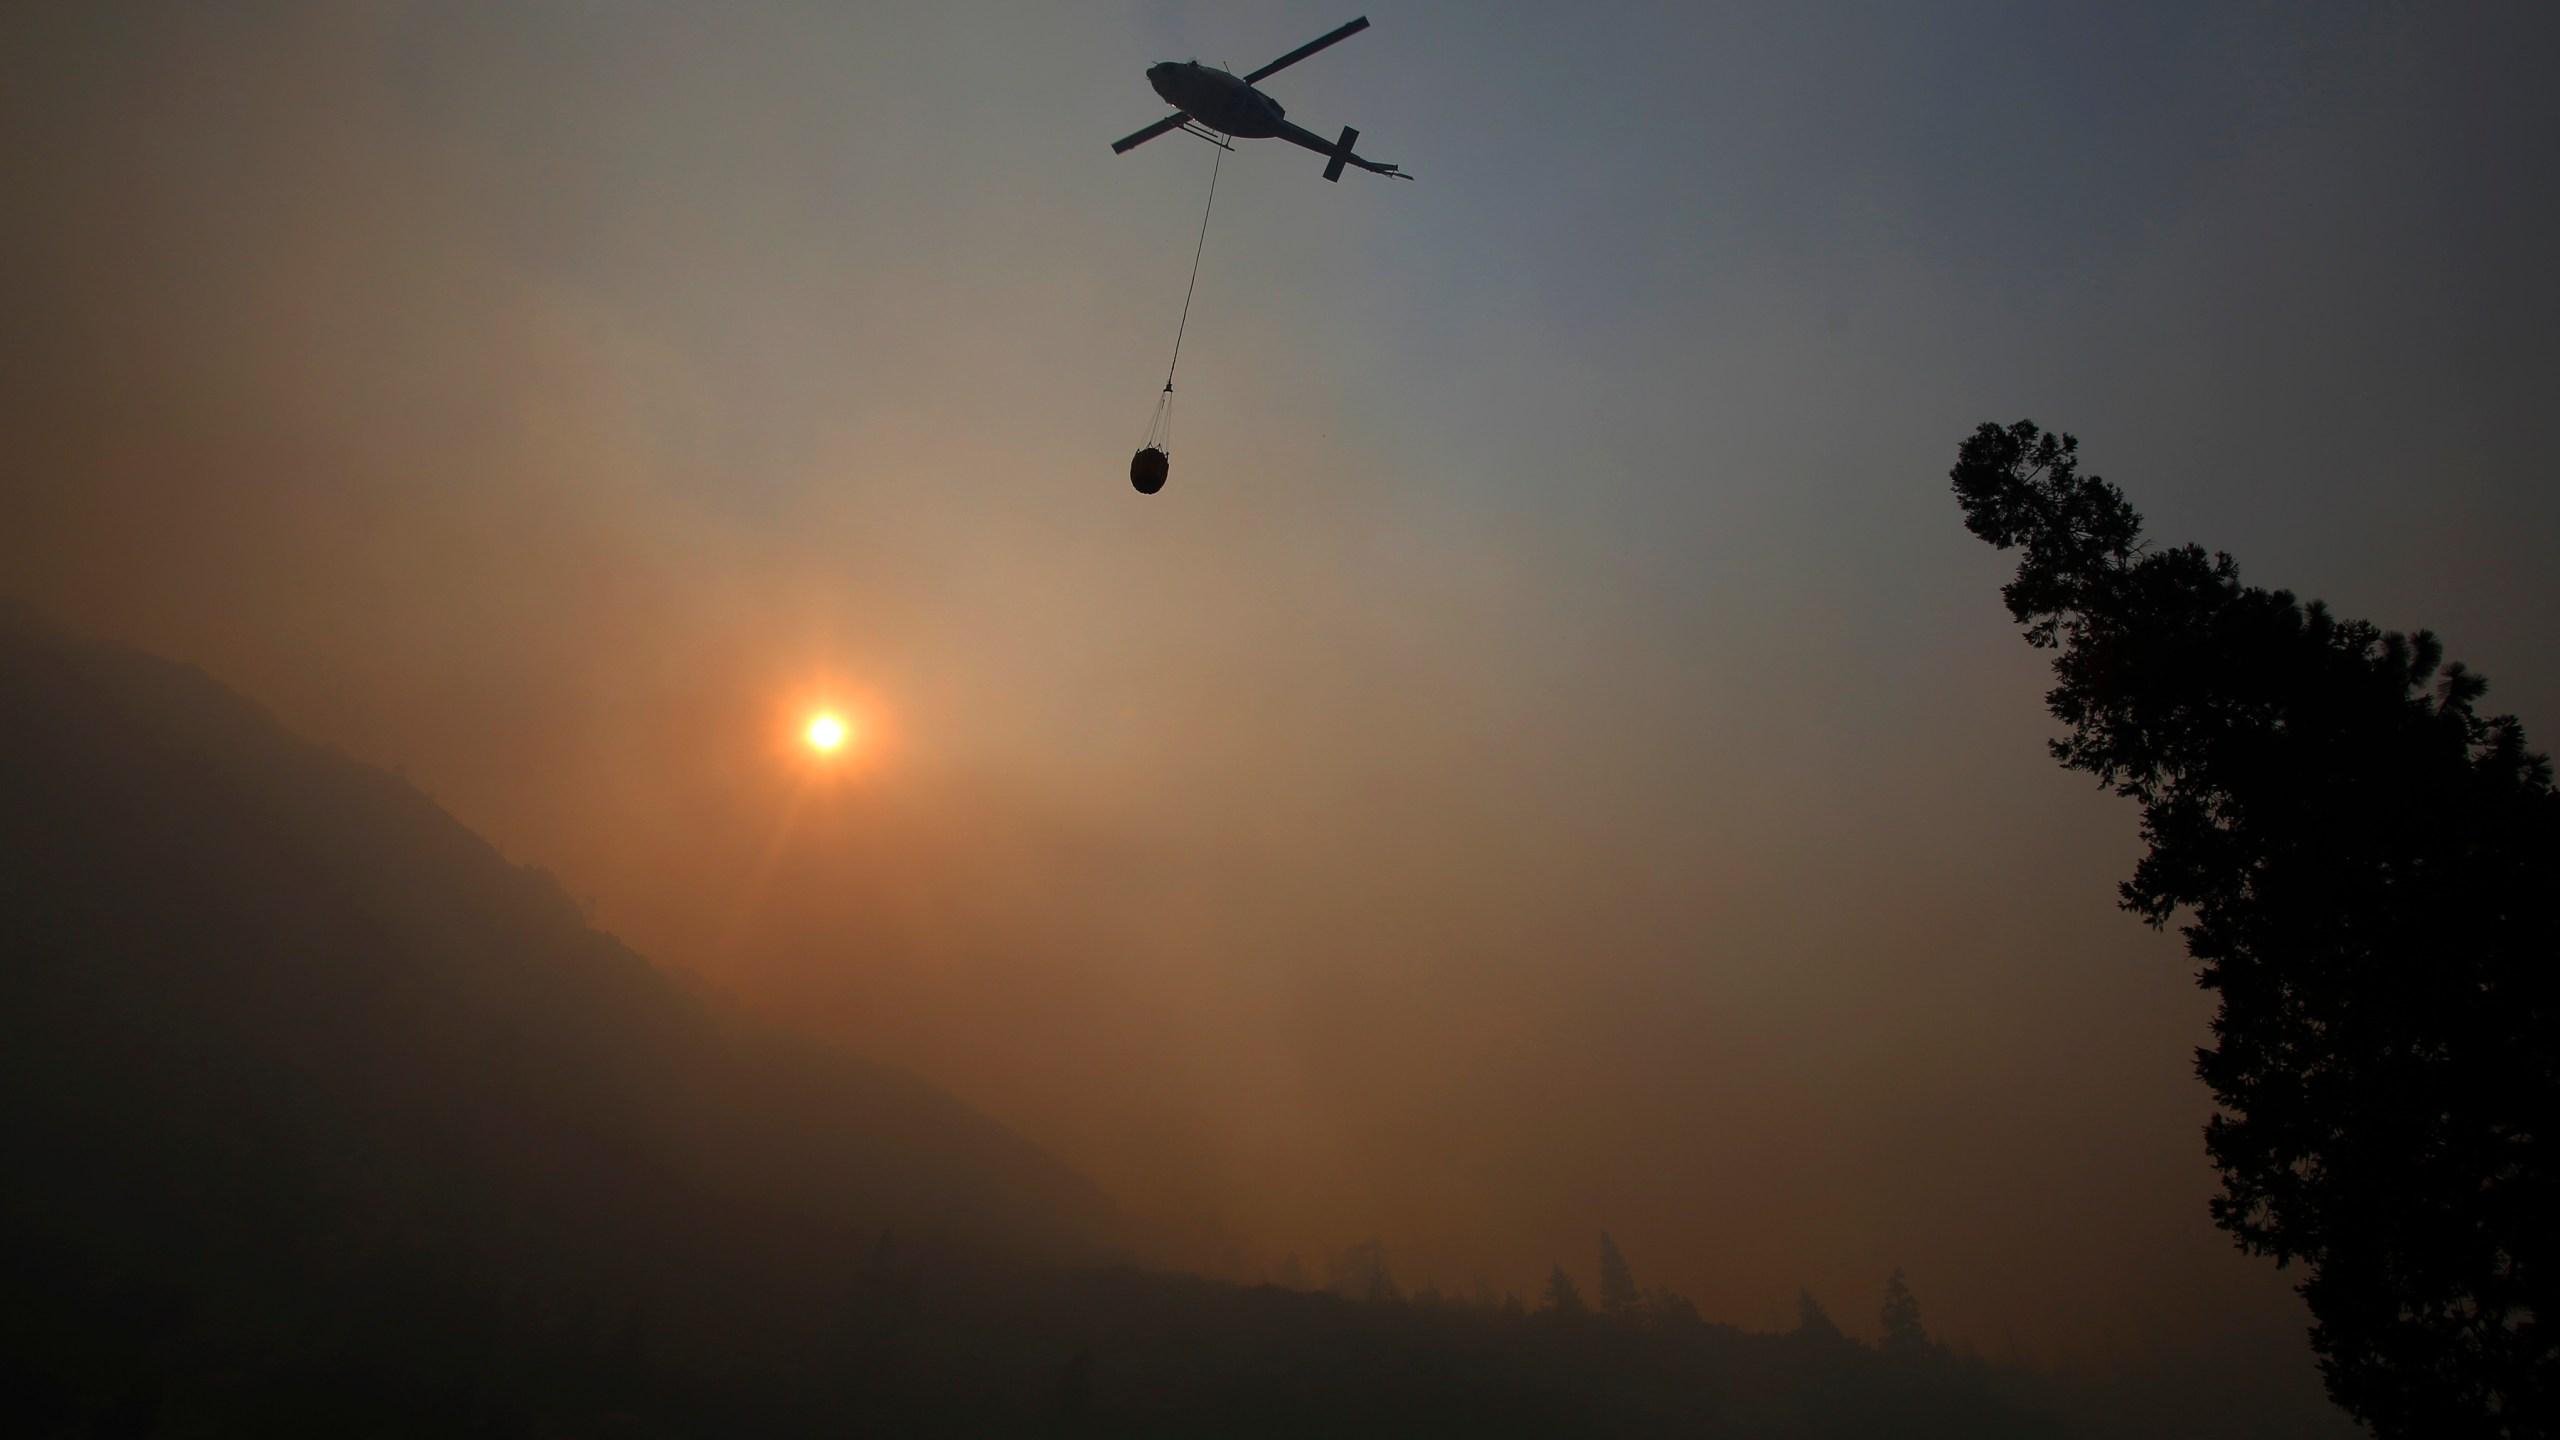 Western_Wildfires_57977-159532.jpg92733755